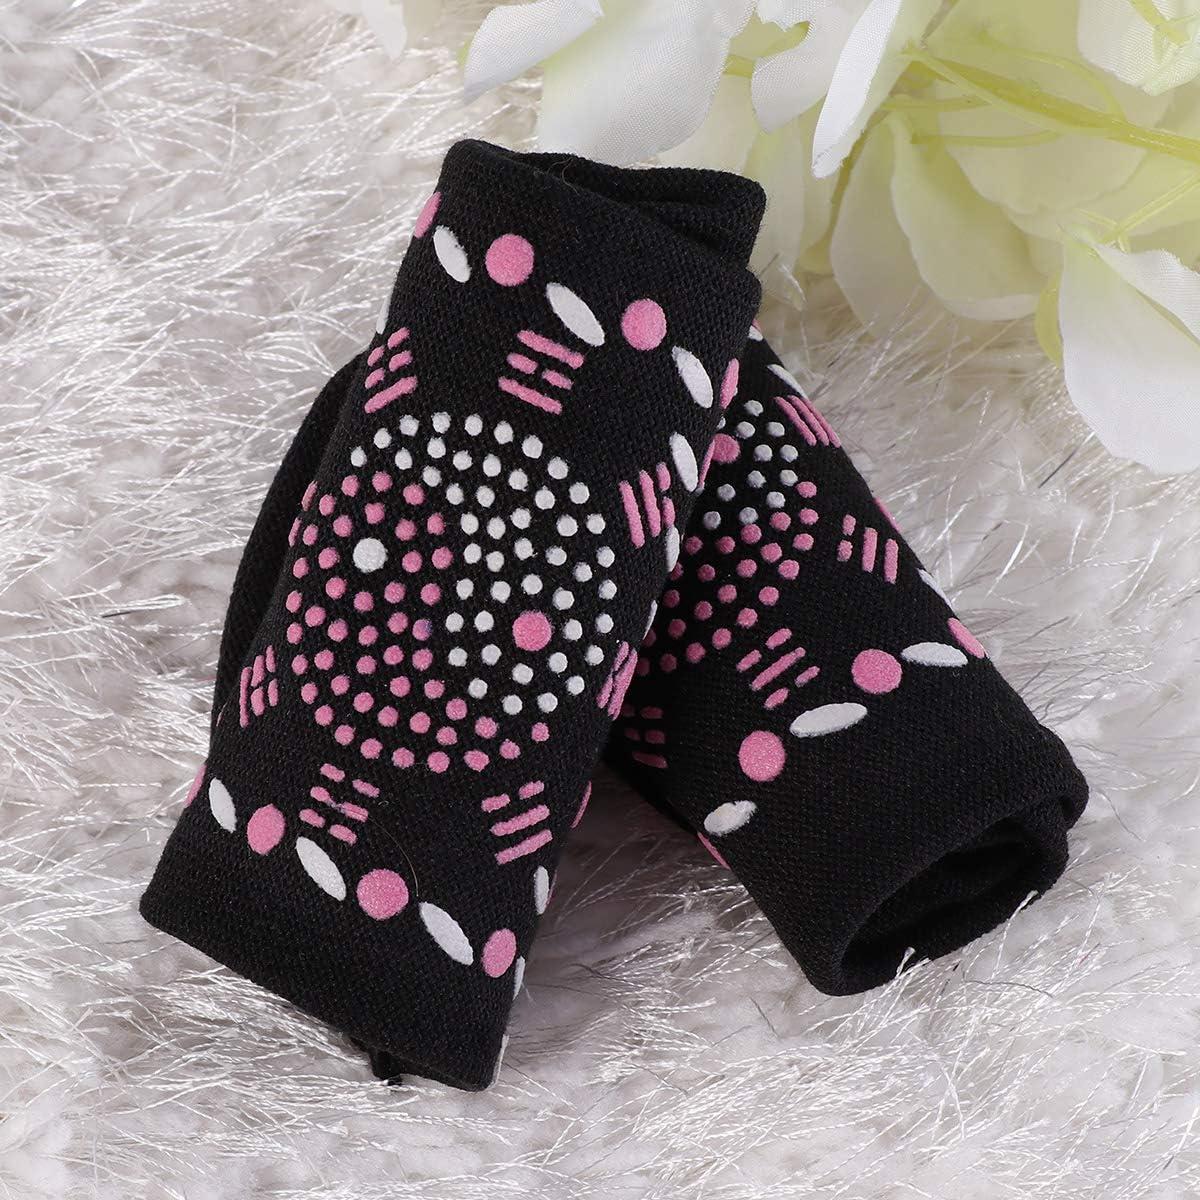 HEALLILY Calcetines de autocalentamiento Calcetines de turmalina Calcetines de masaje Calcetines antideslizantes